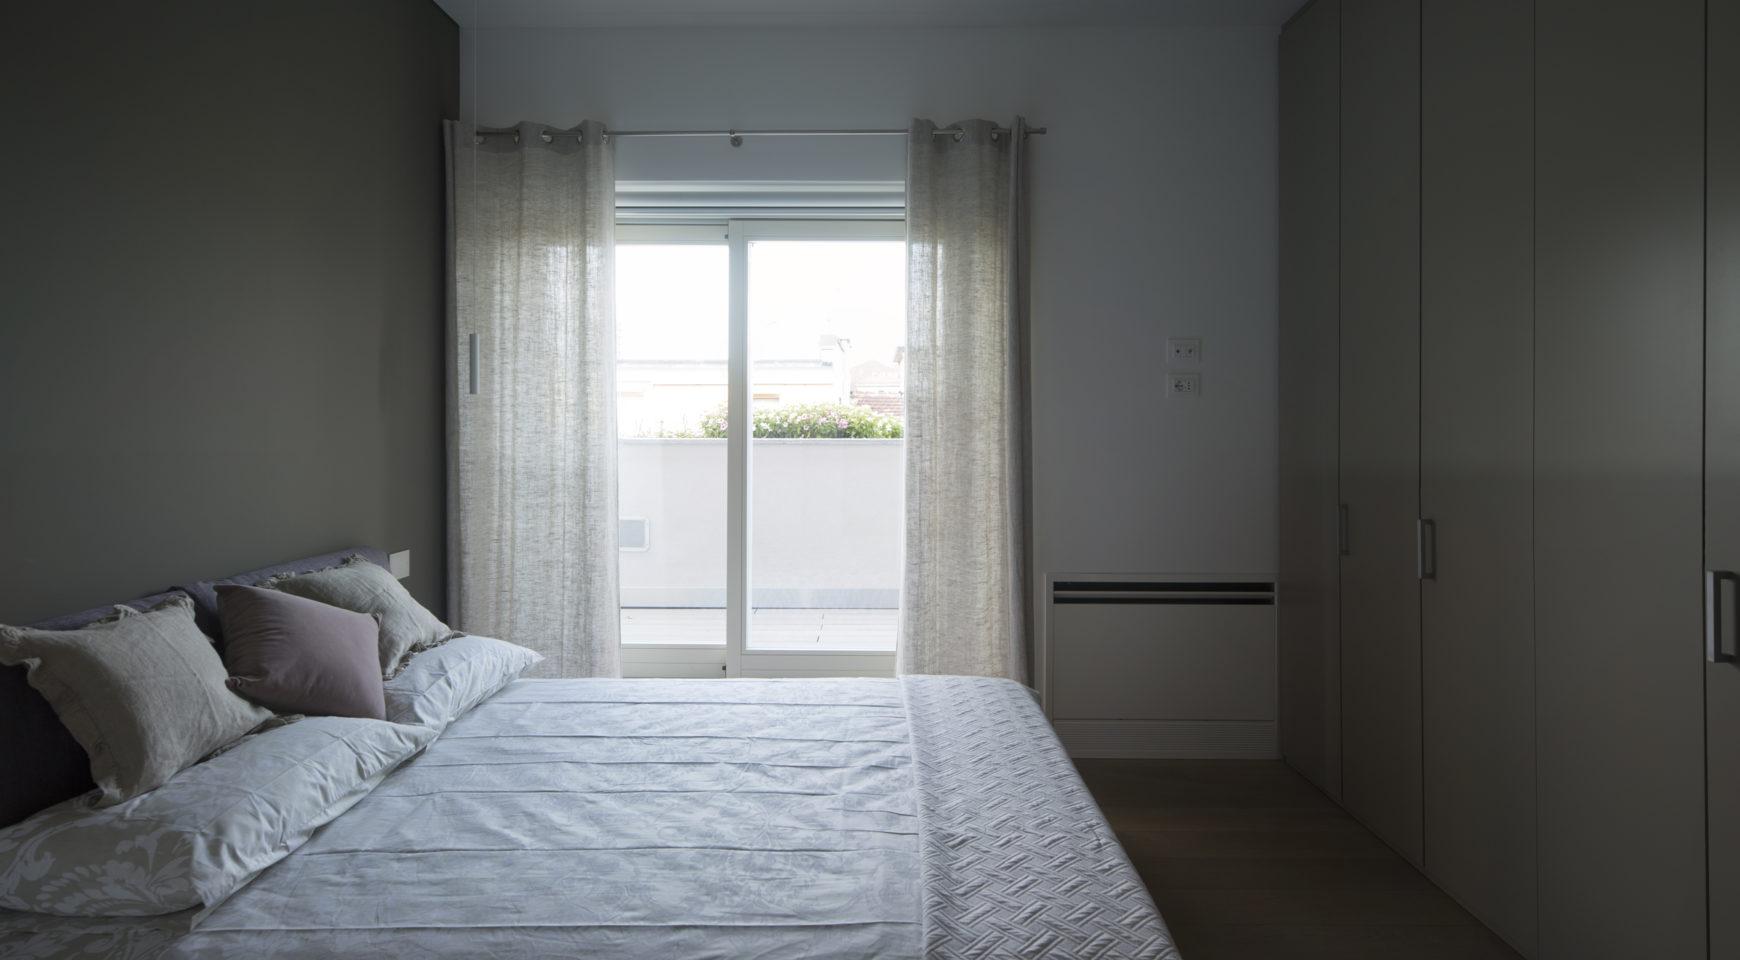 Disegno Idea appartamento 2 camere da letto torino massima qualità foto : Lagrange12 Appartamento 9 - Building Re